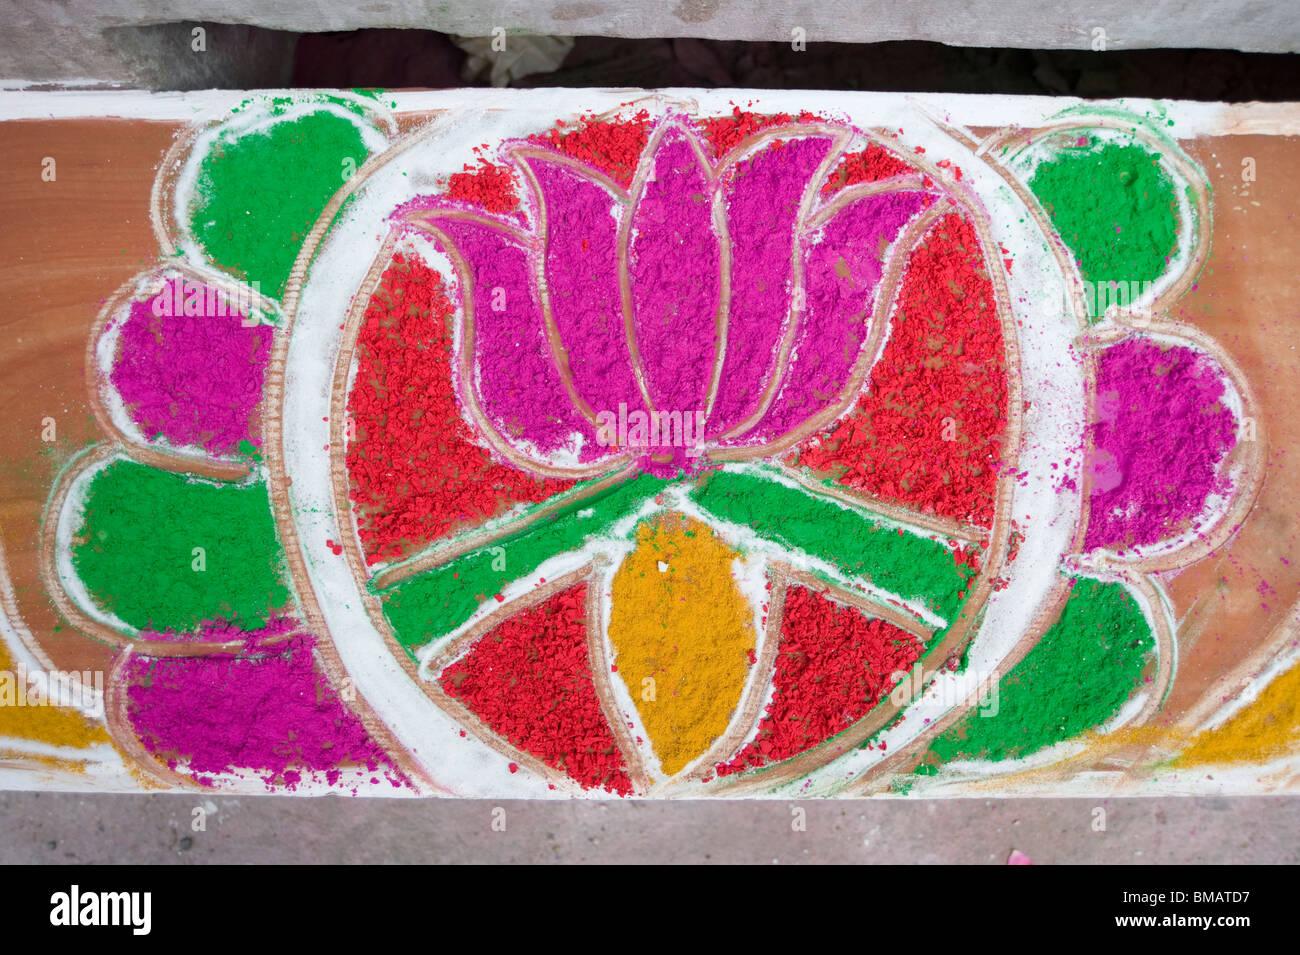 Diwali Festival Rangoli Design Outside Shop Using Coloured Powder